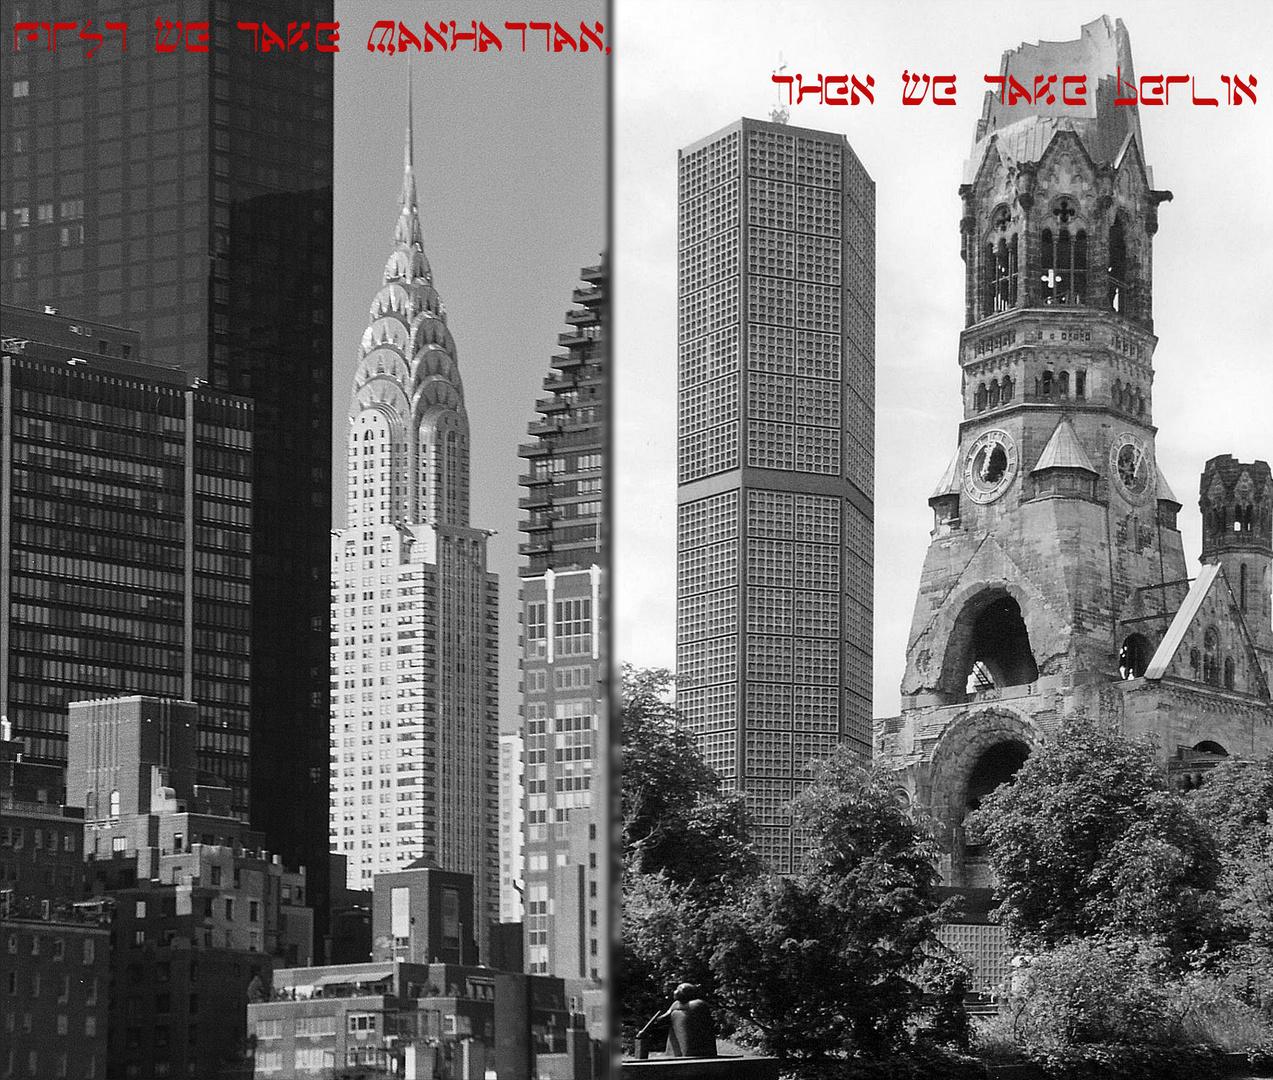 First we take Manhattan, then we take Berlin